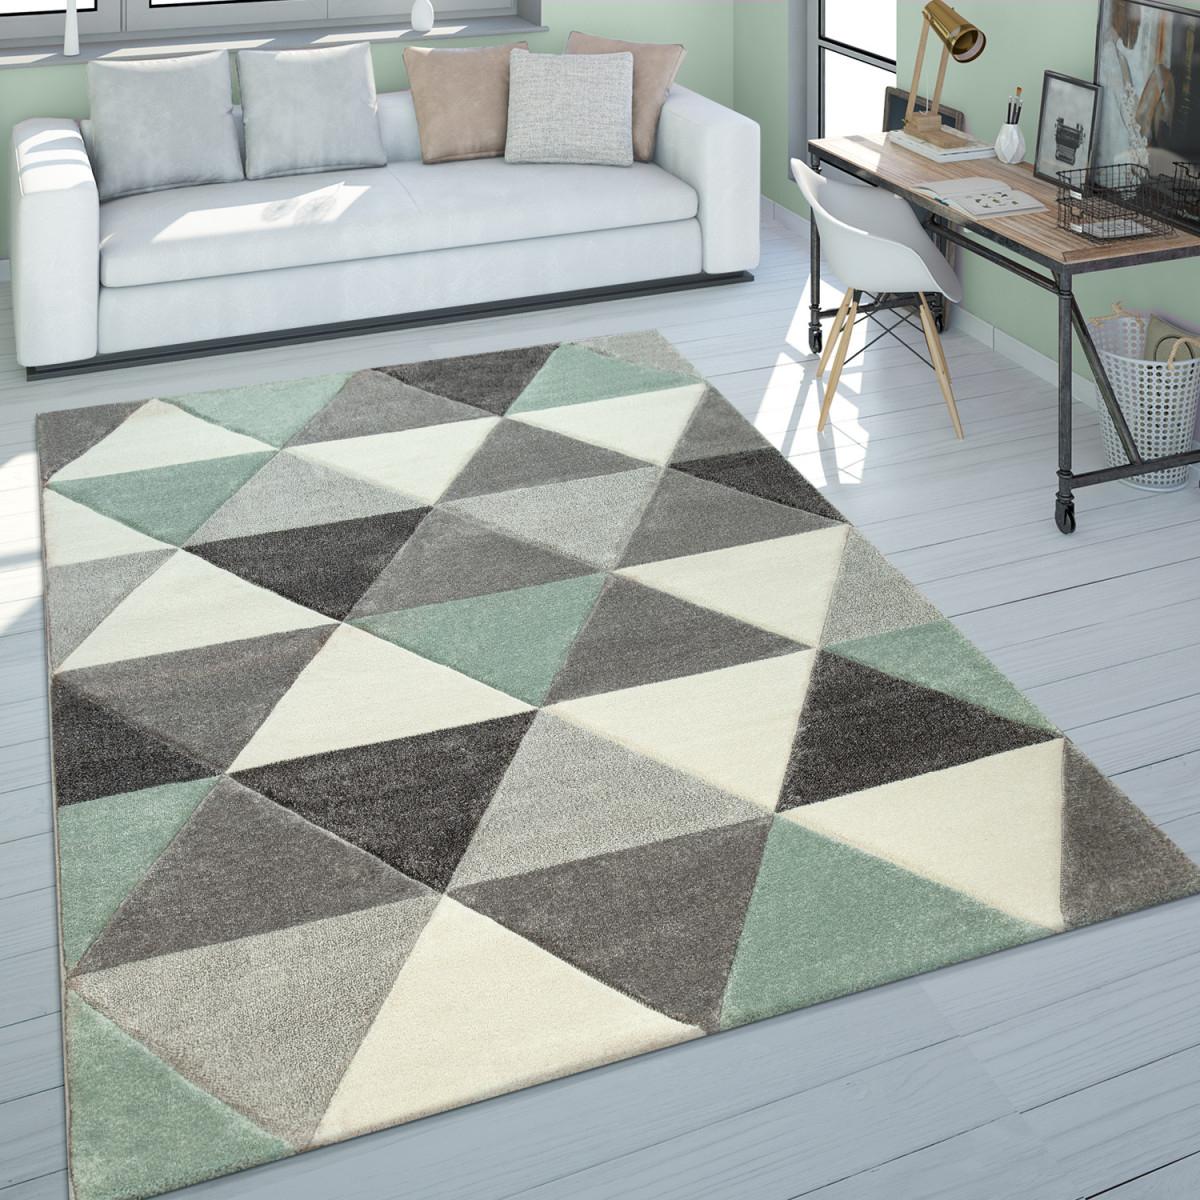 Wohnzimmer Teppich Grün Grau Pastellfarben Kurzflor Retro Design Dreieck  Muster von Teppich Grün Wohnzimmer Bild